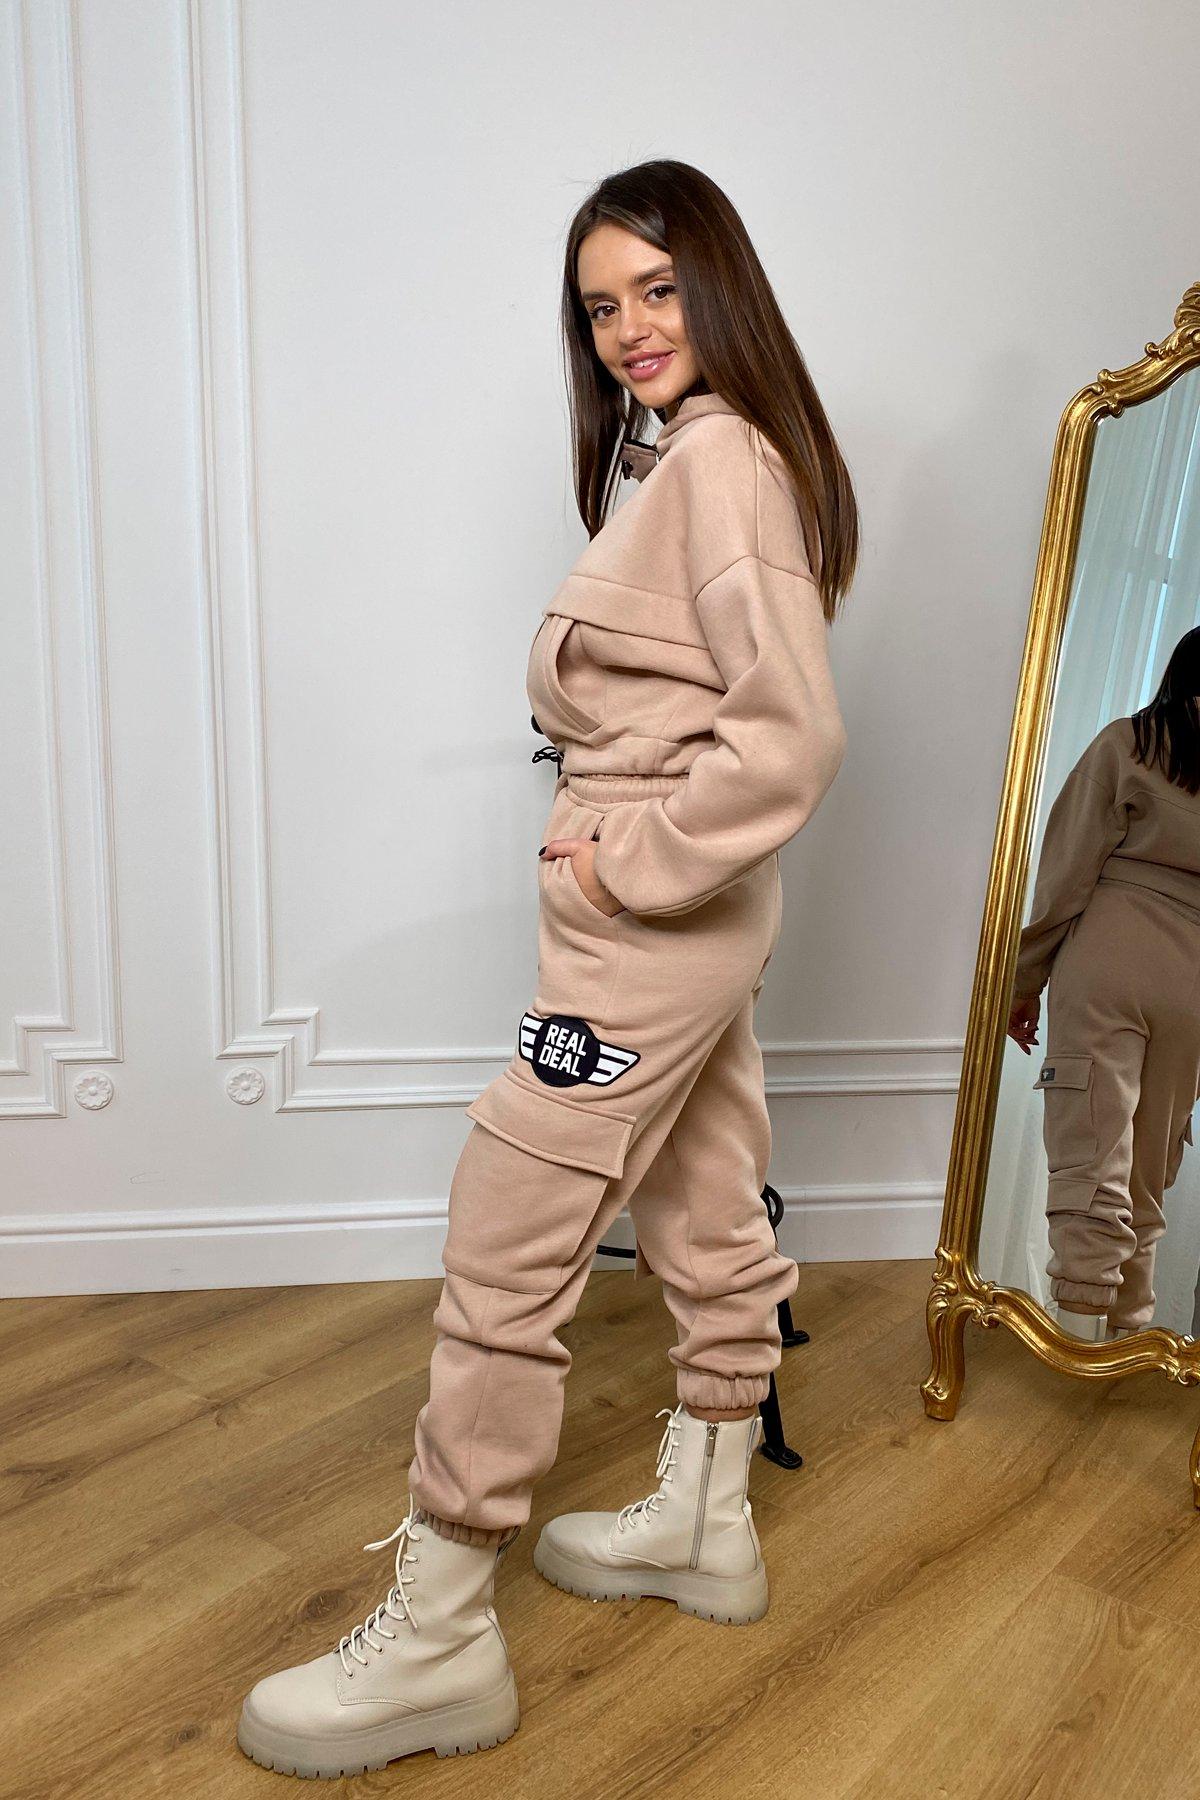 Кьюи  прогулочный костю 3х нитка с начесом 9933 АРТ. 46257 Цвет: Бежевый - фото 9, интернет магазин tm-modus.ru